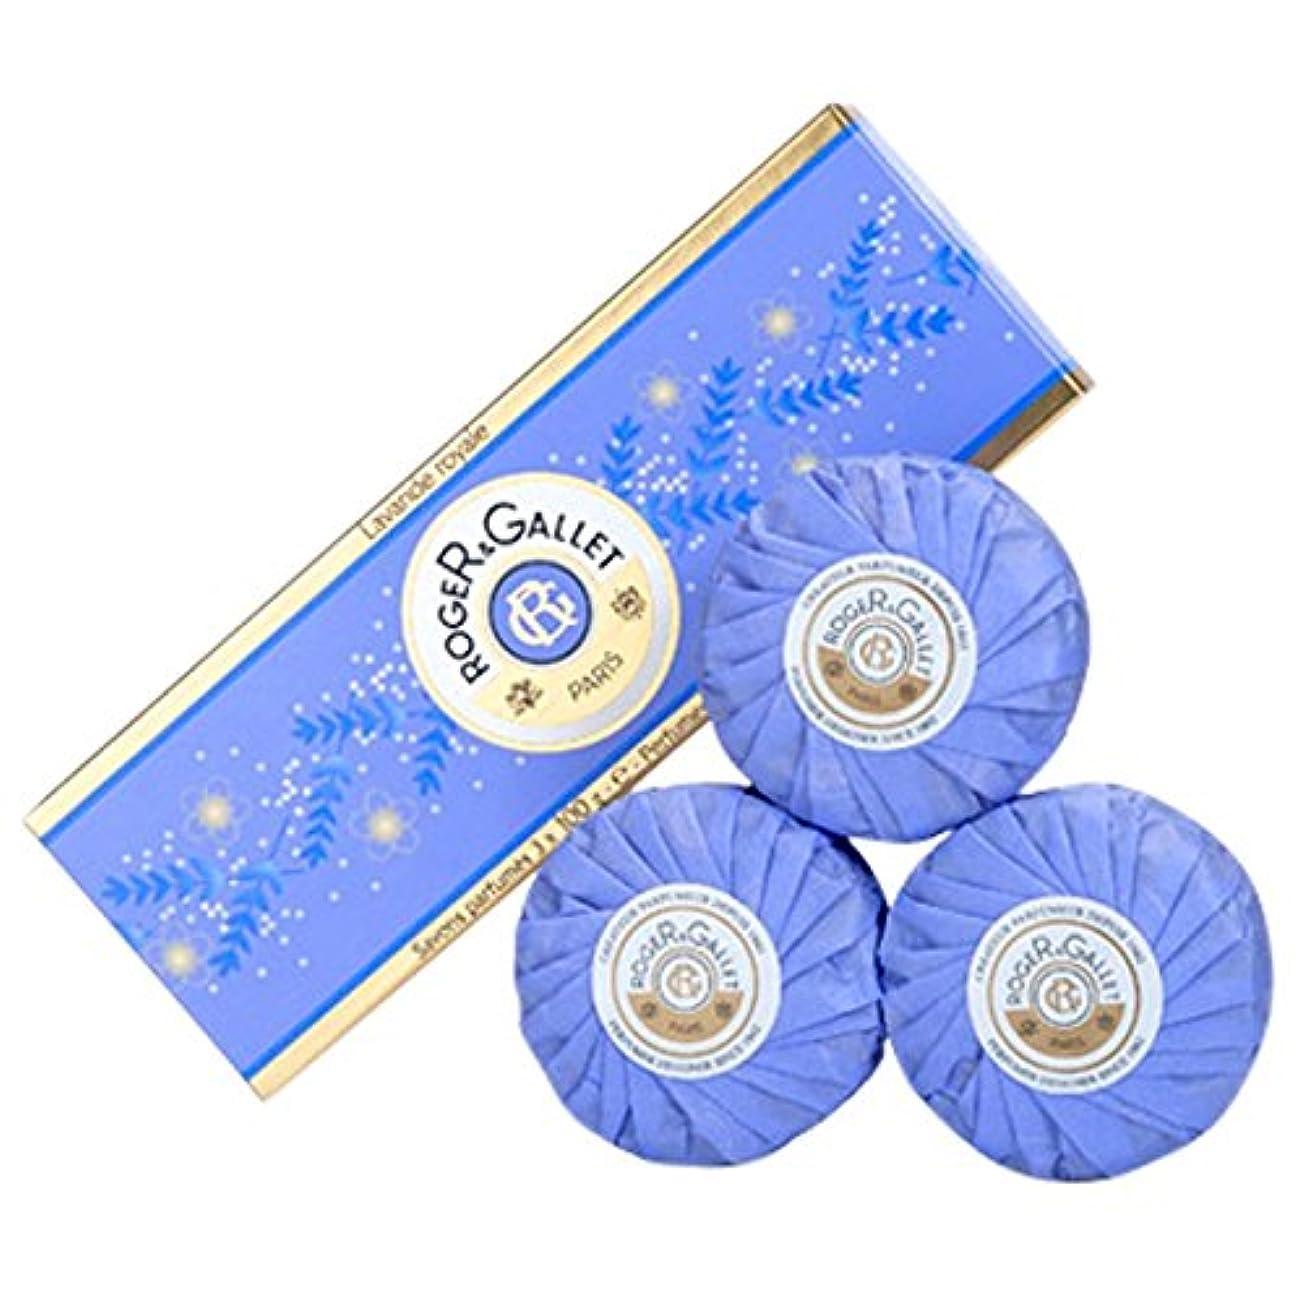 乱す一晩タイルロジャー&Galletのラバンデロワイヤルソープコフレ3つのX 100グラム (Roger & Gallet) (x6) - Roger & Gallet Lavande Royale Soap Coffret 3 x...